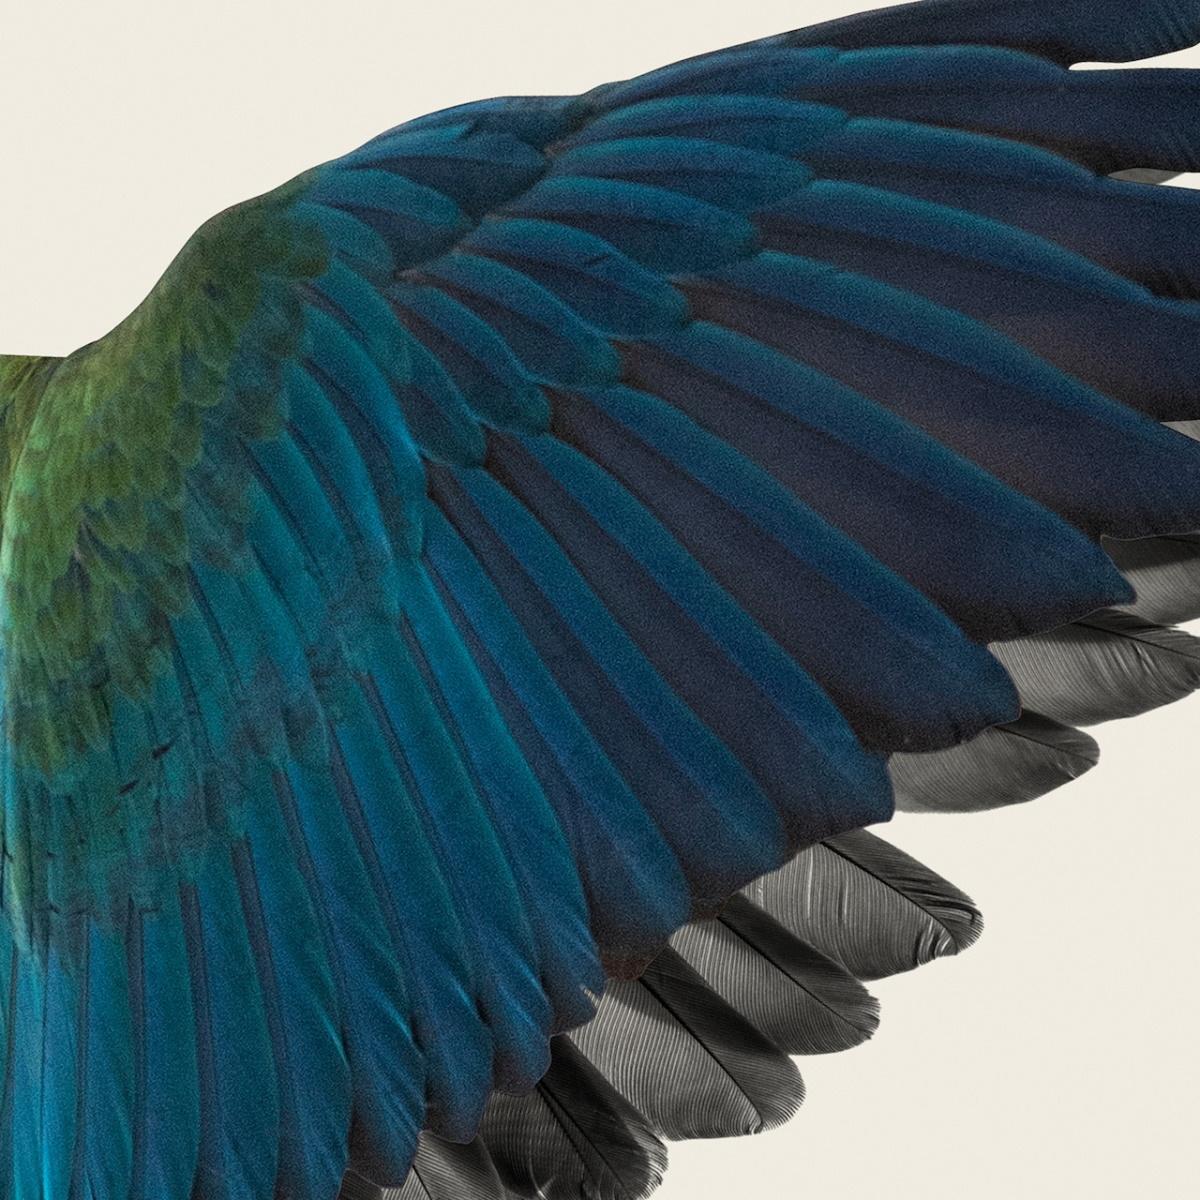 『BBHF - 黒い翼の間を』収録の『黒い翼の間を』ジャケット